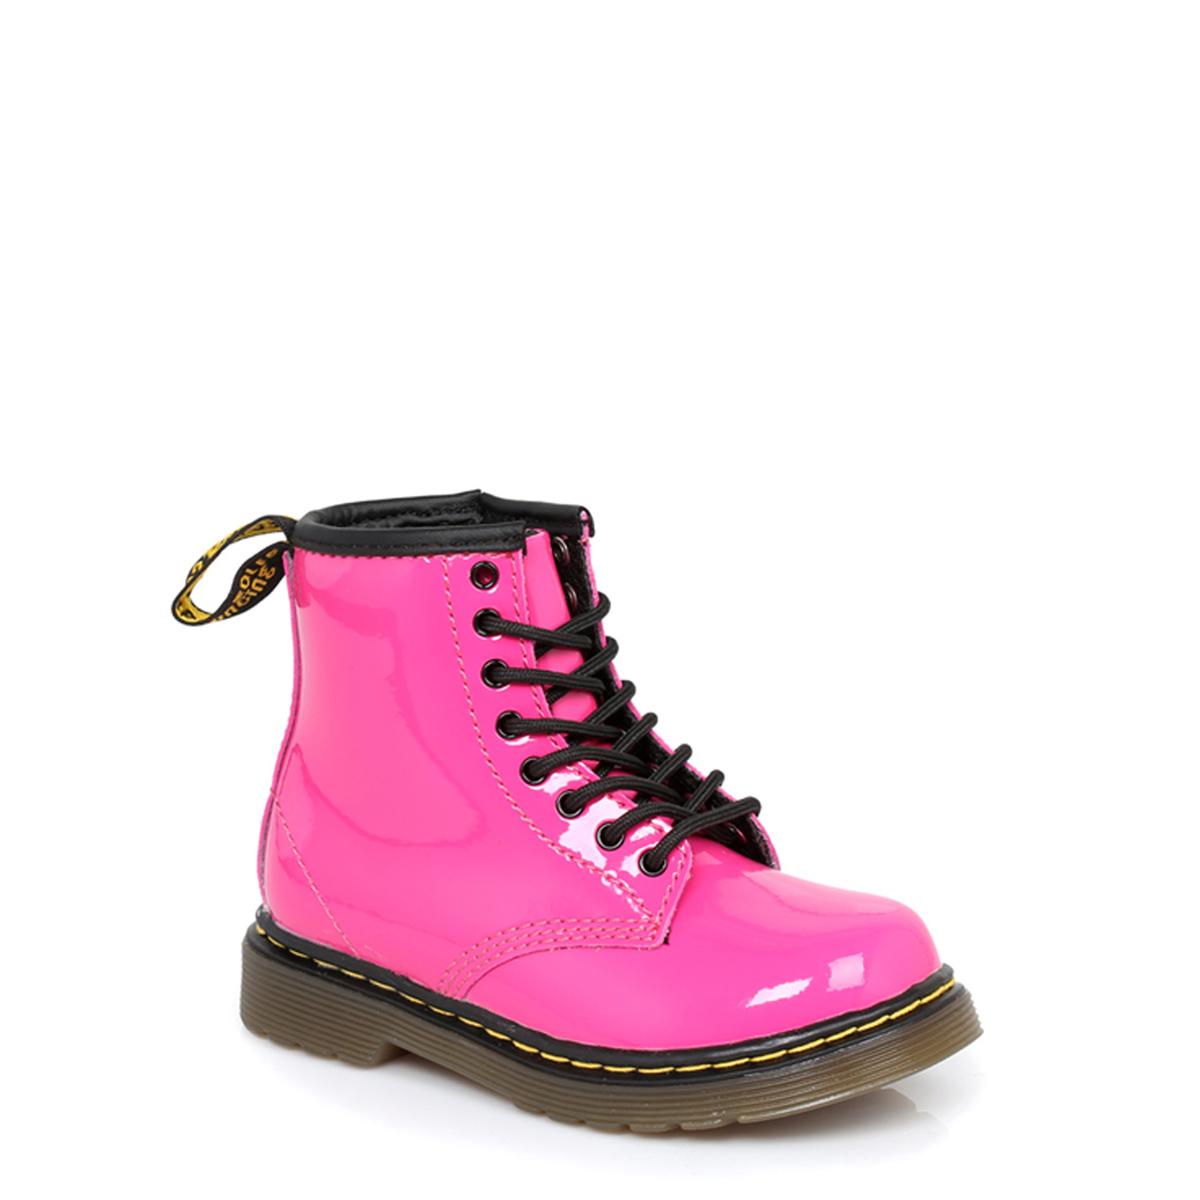 Dr Martens Infant Kids Boots Brooklee Hot Pink Patent ...